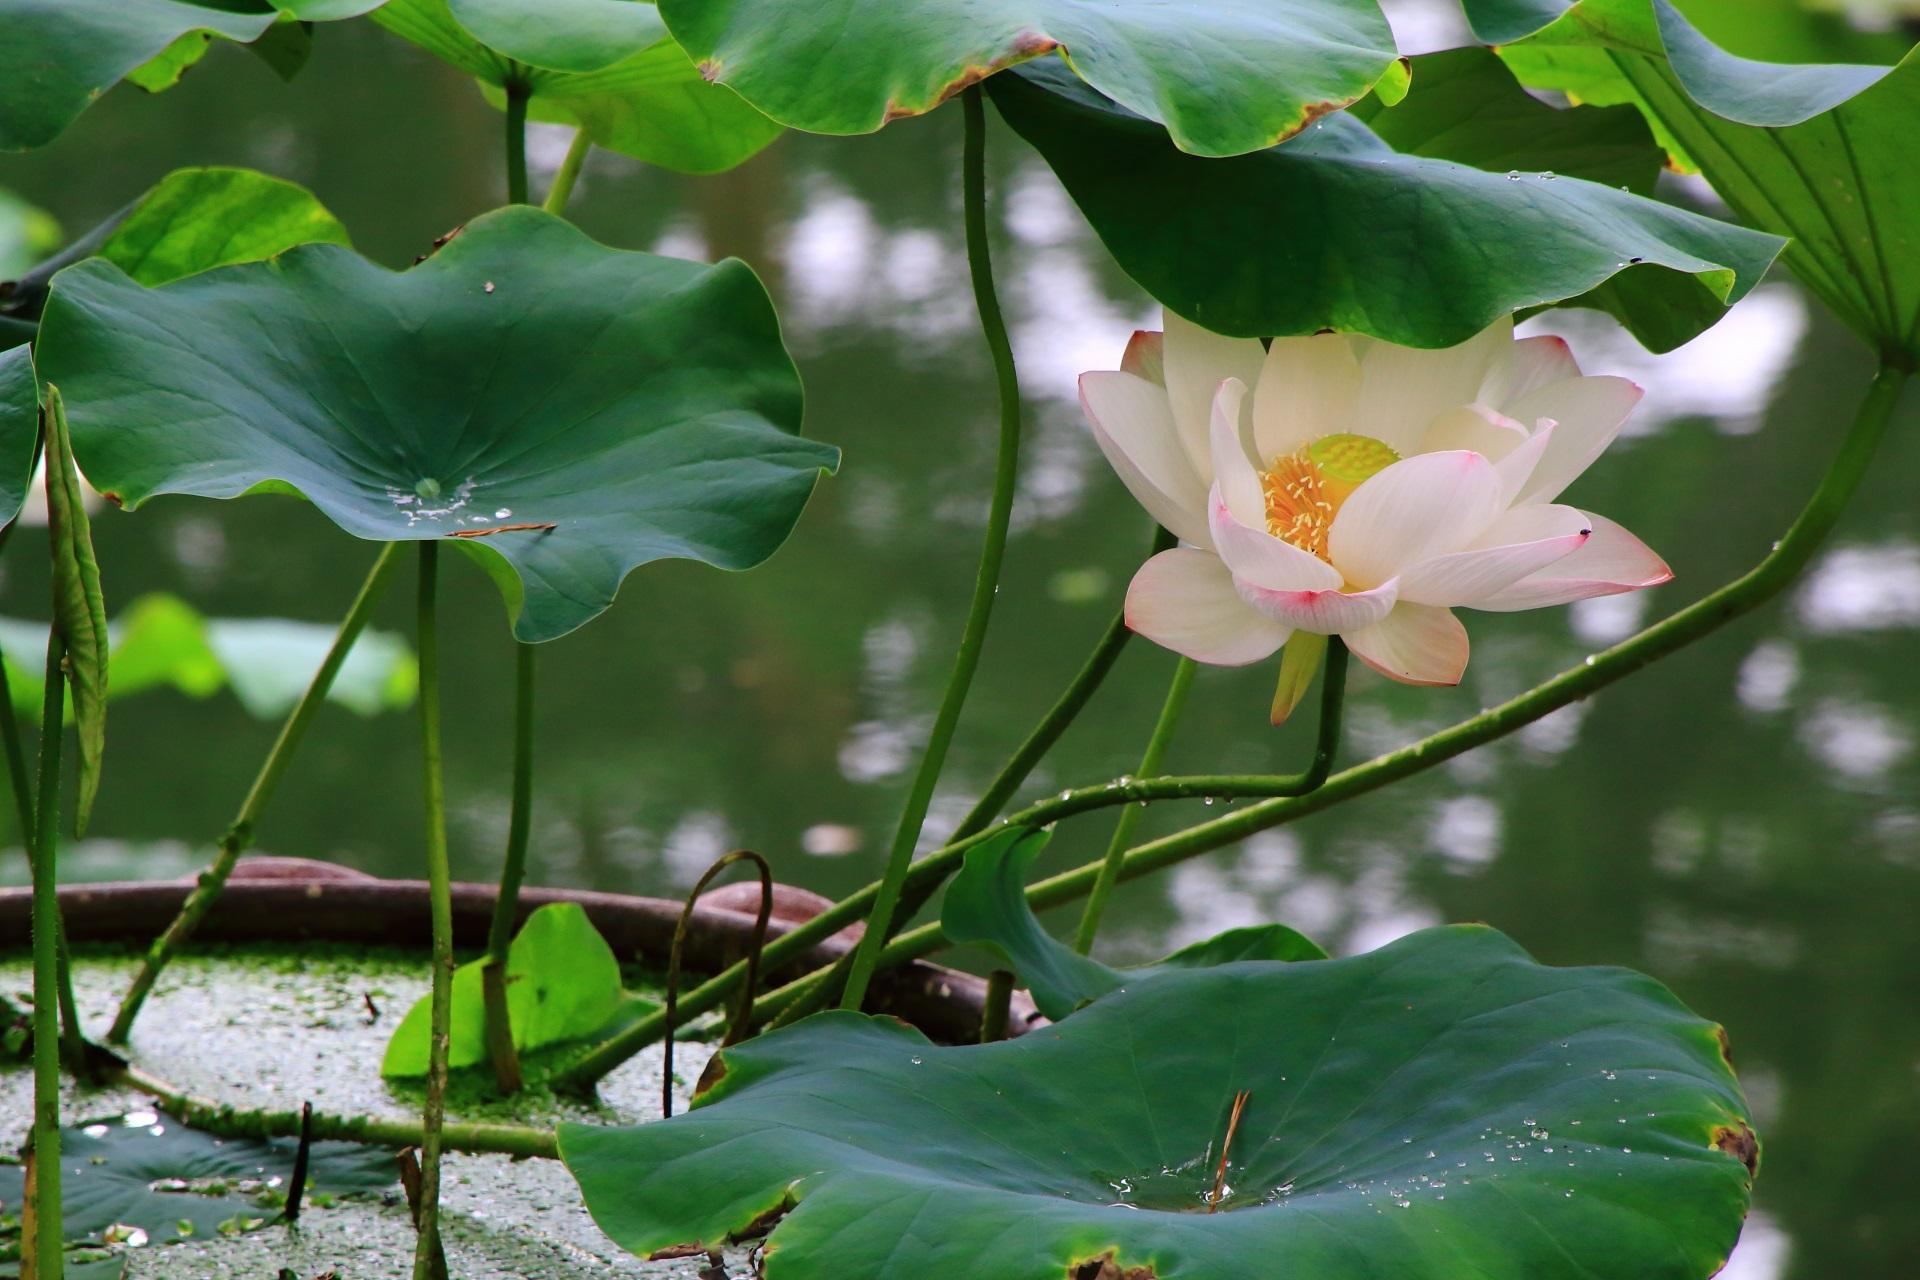 葉に少し隠れて傘をさしたような蓮の花